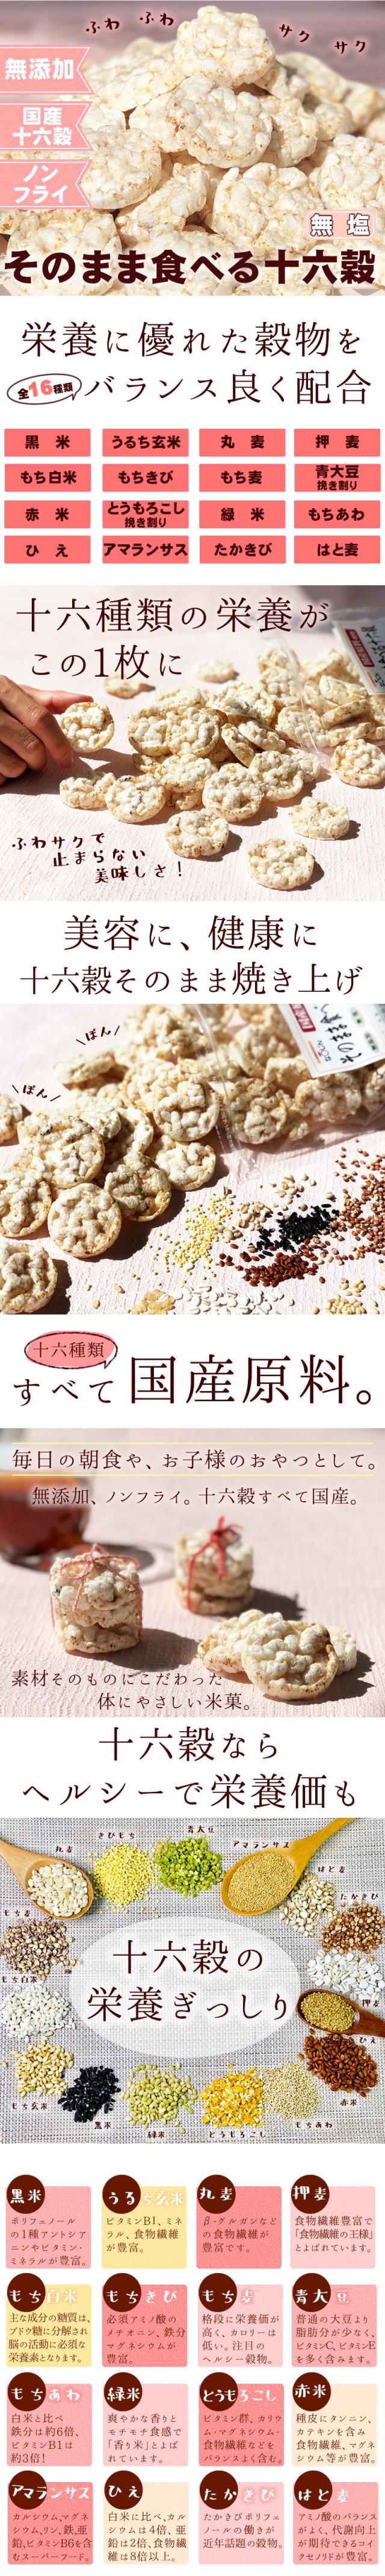 そのまま食べる十六穀(無塩)